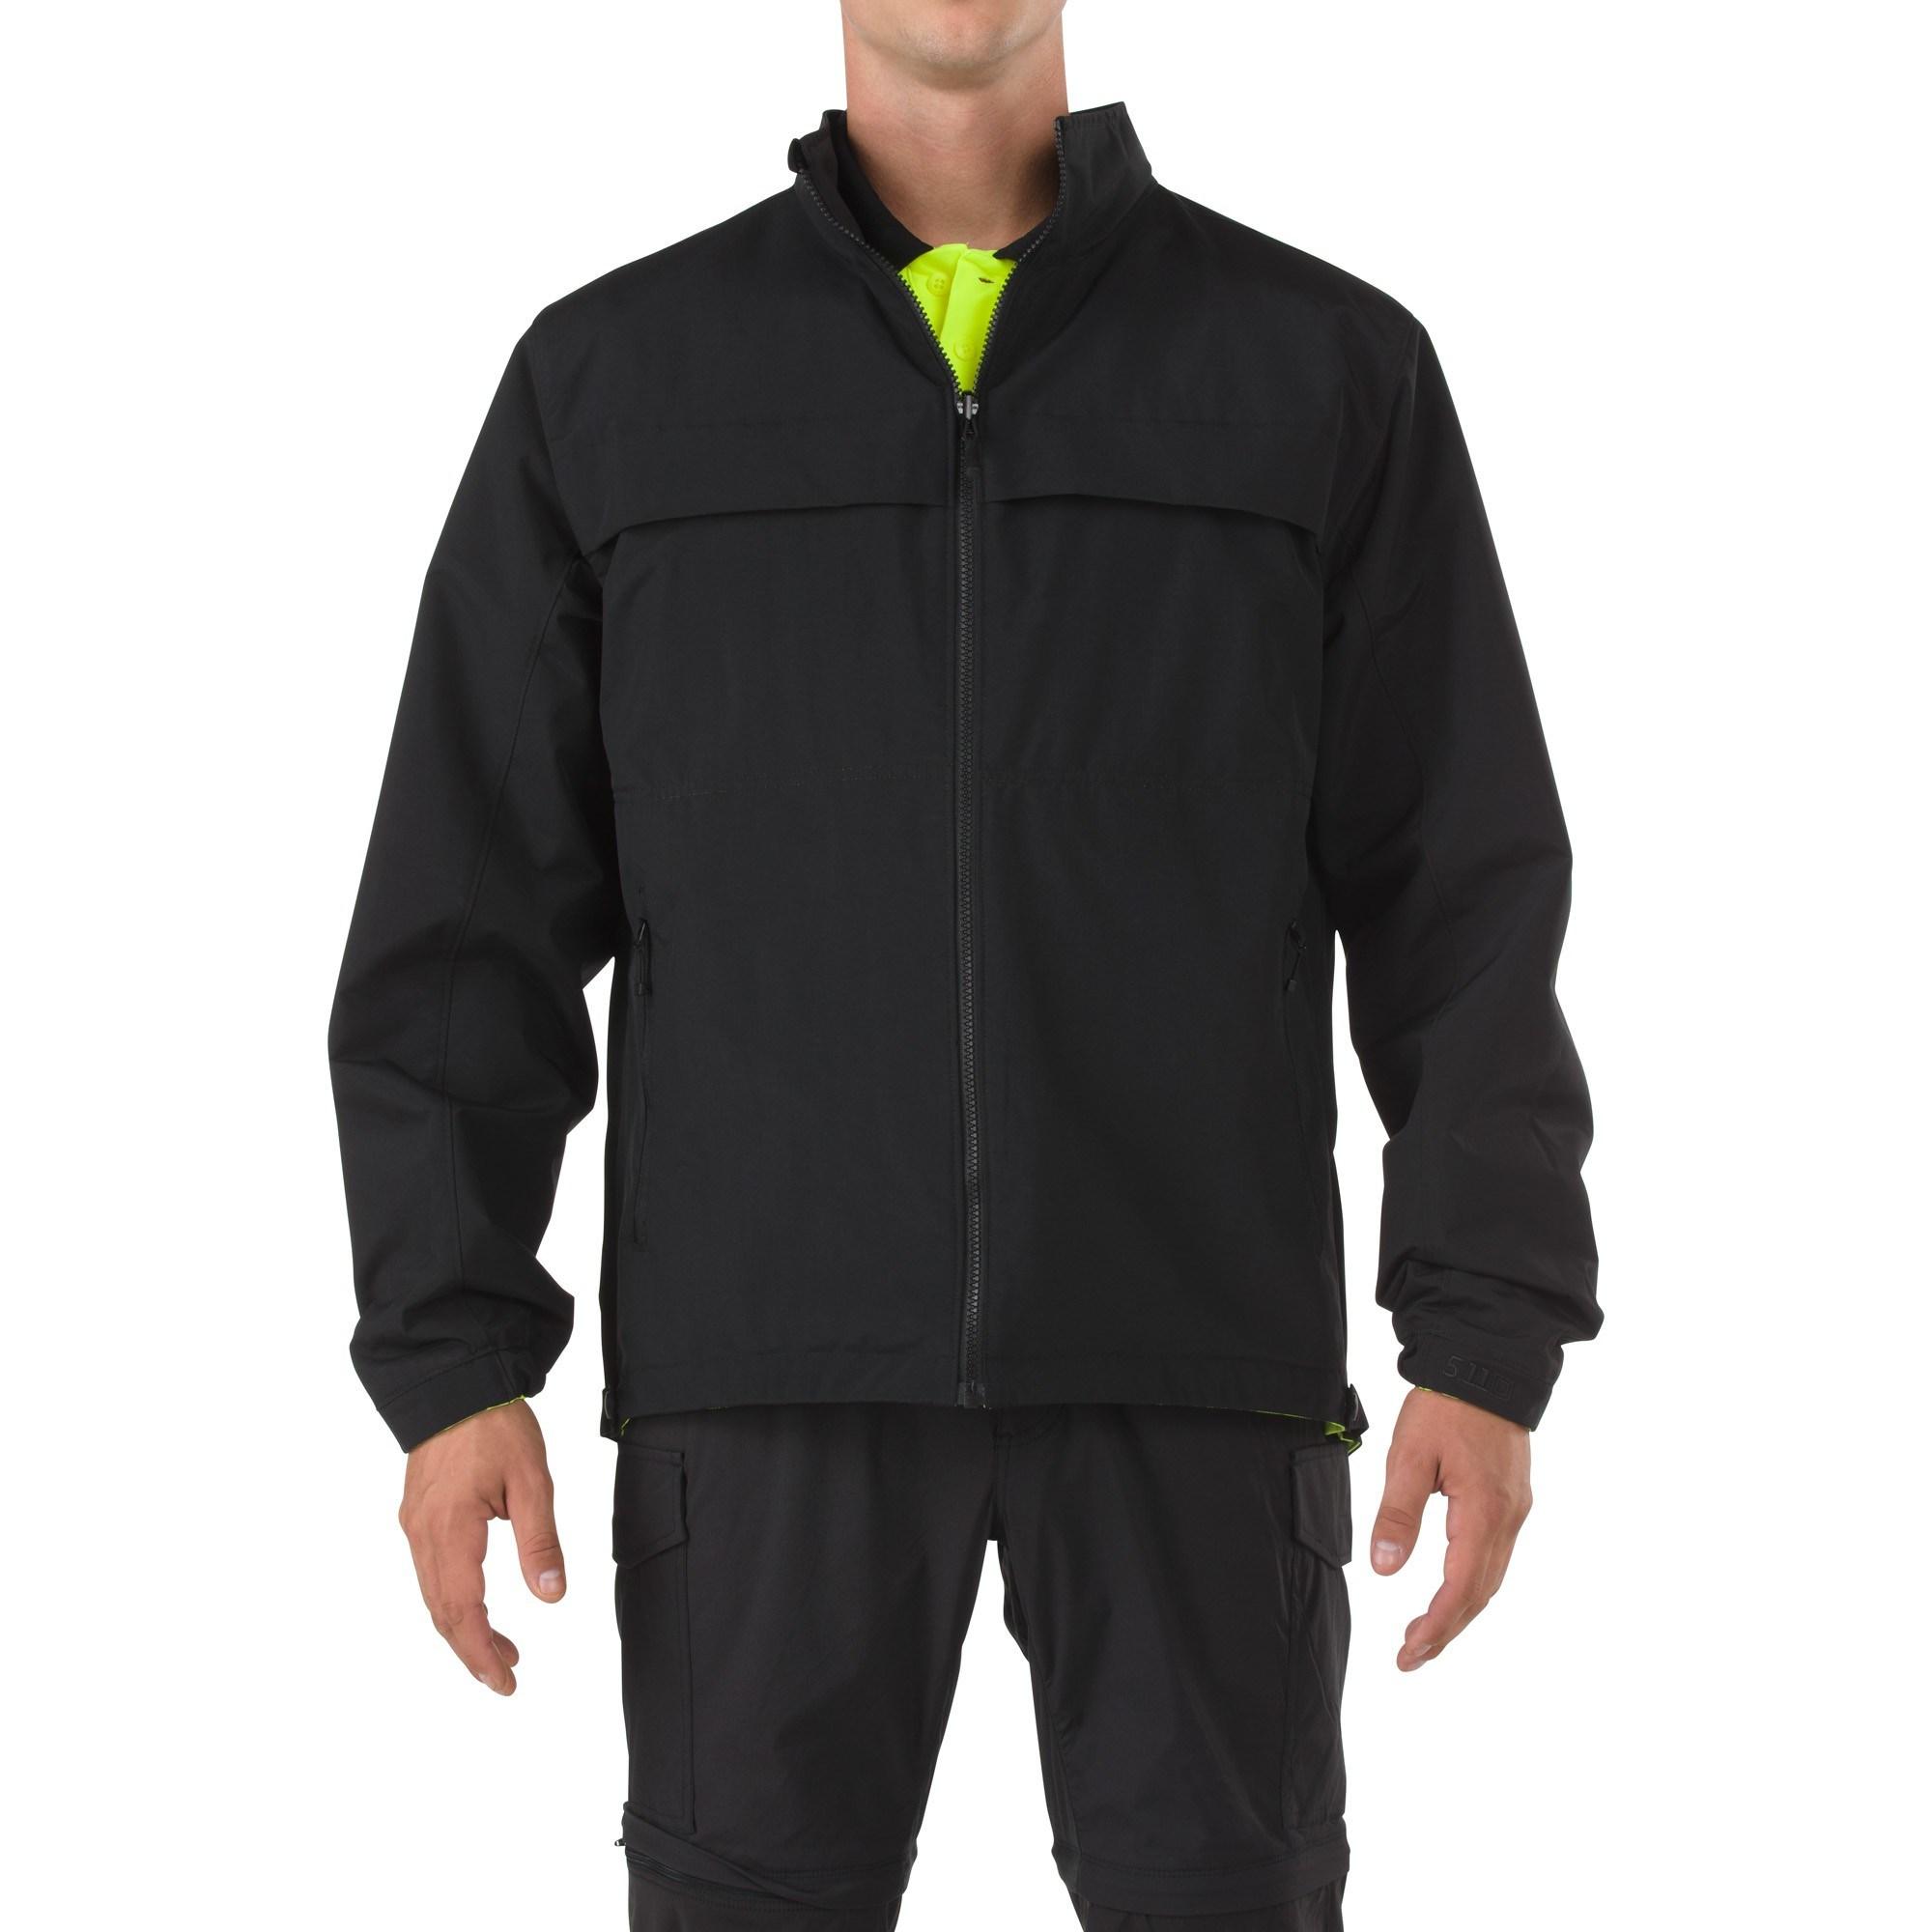 Black Cotton Men Winter Jacket Uniform